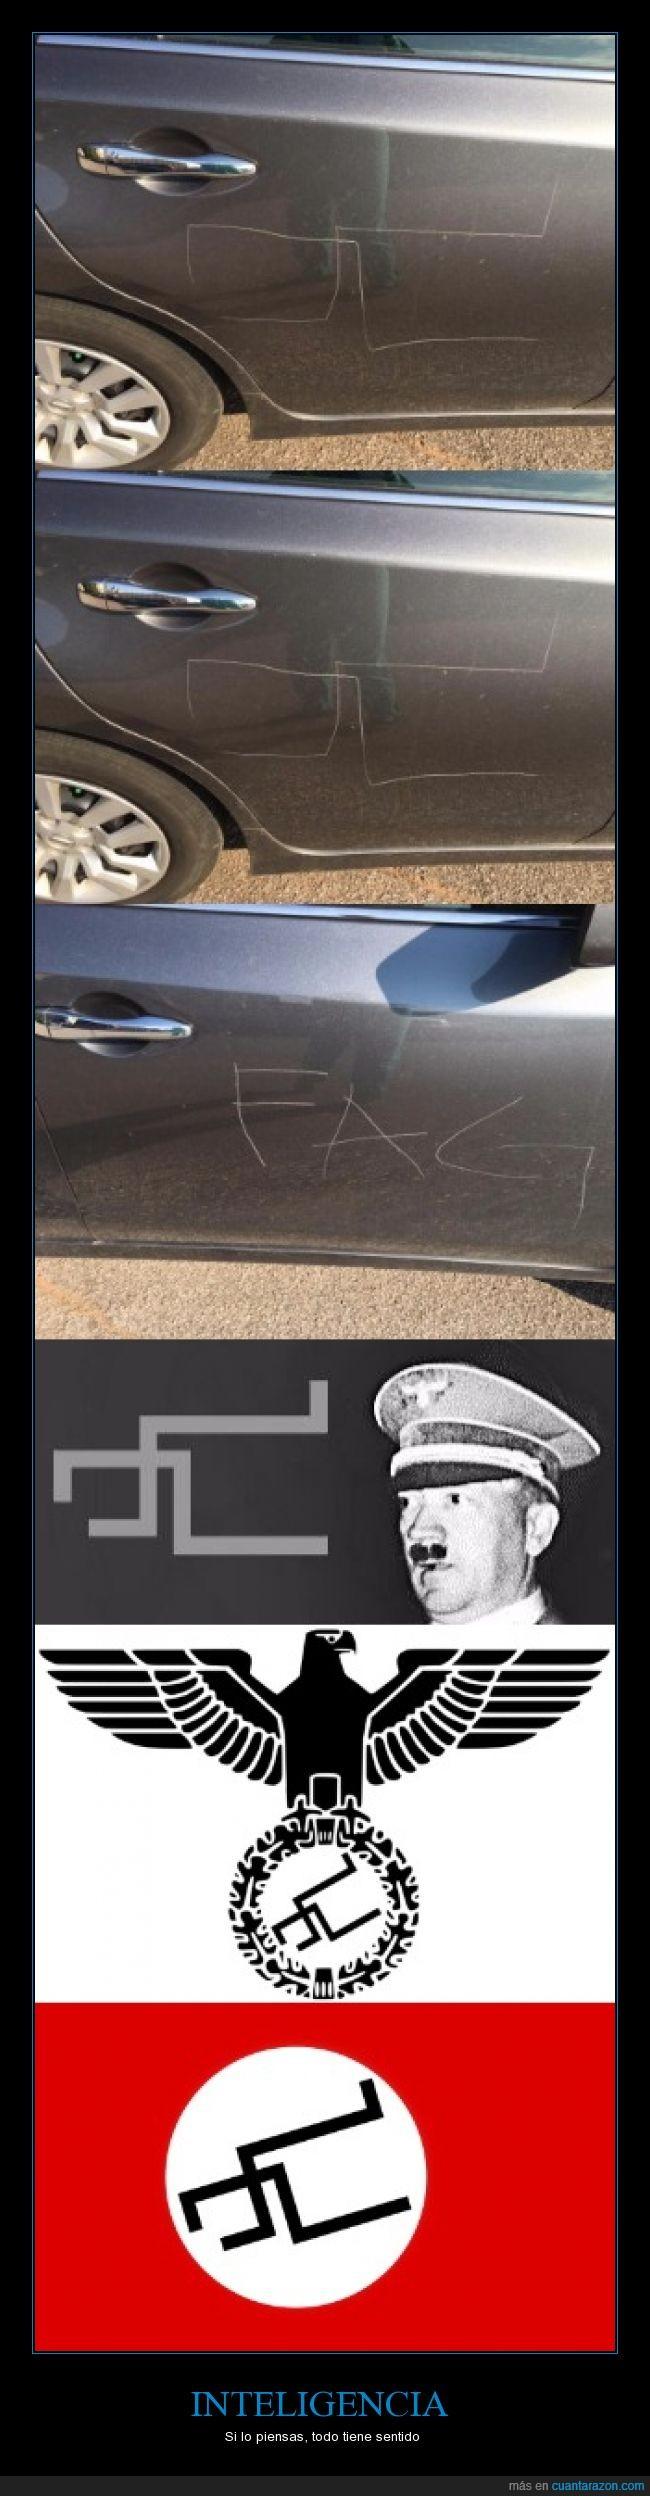 coche,fail,Nazi,rallada